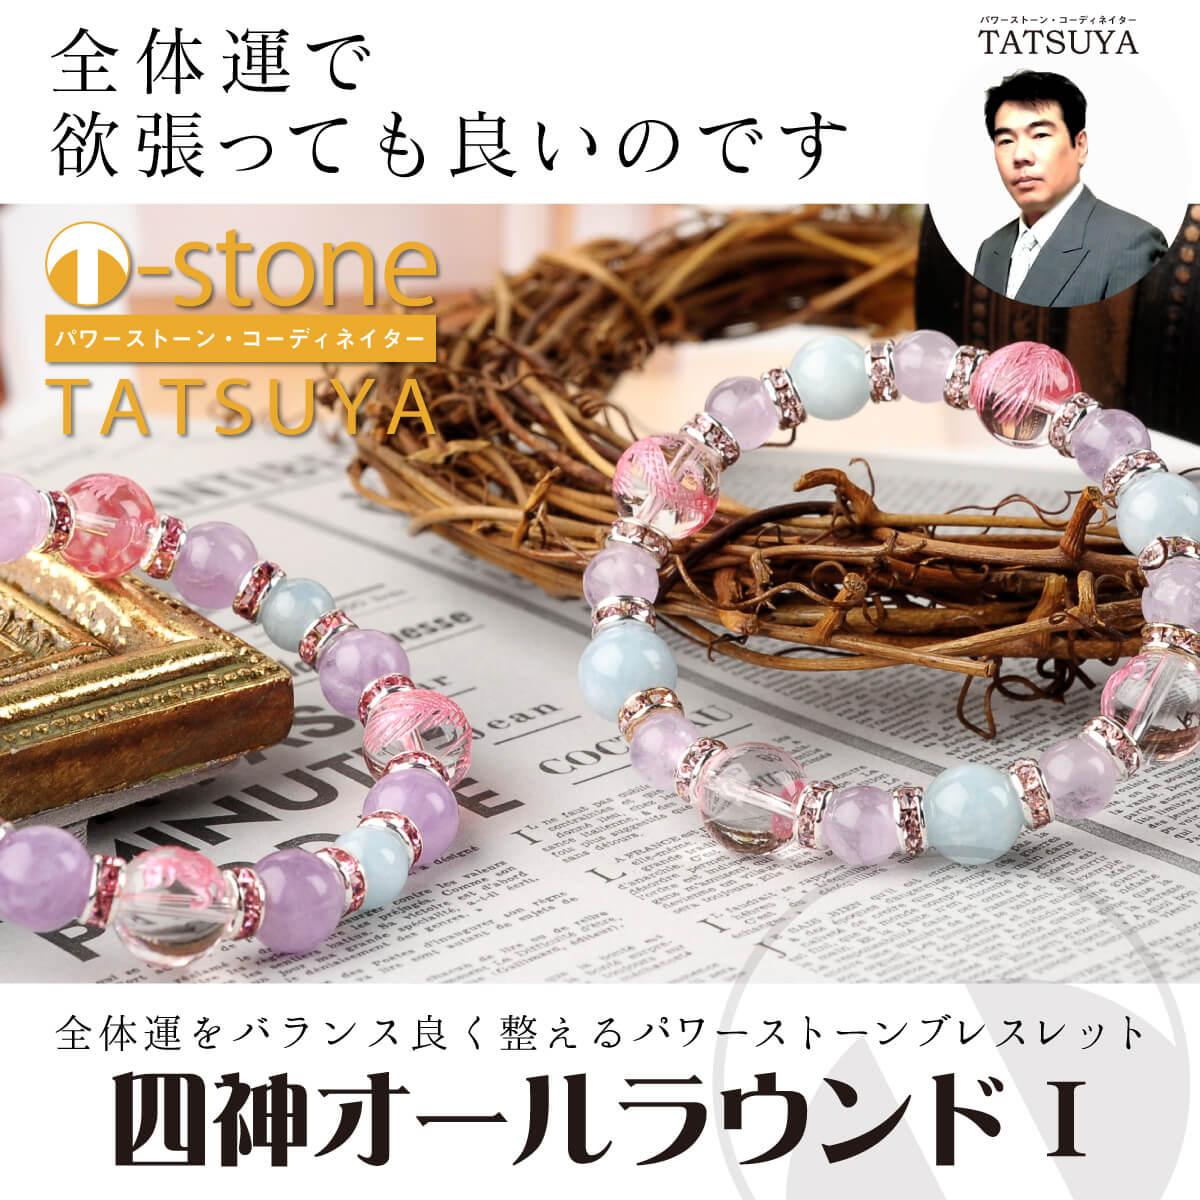 【T-stone】 四神オールラウンド� ≫オーダーメイドの開運ブレスレット→全体運に! 開運グッズ